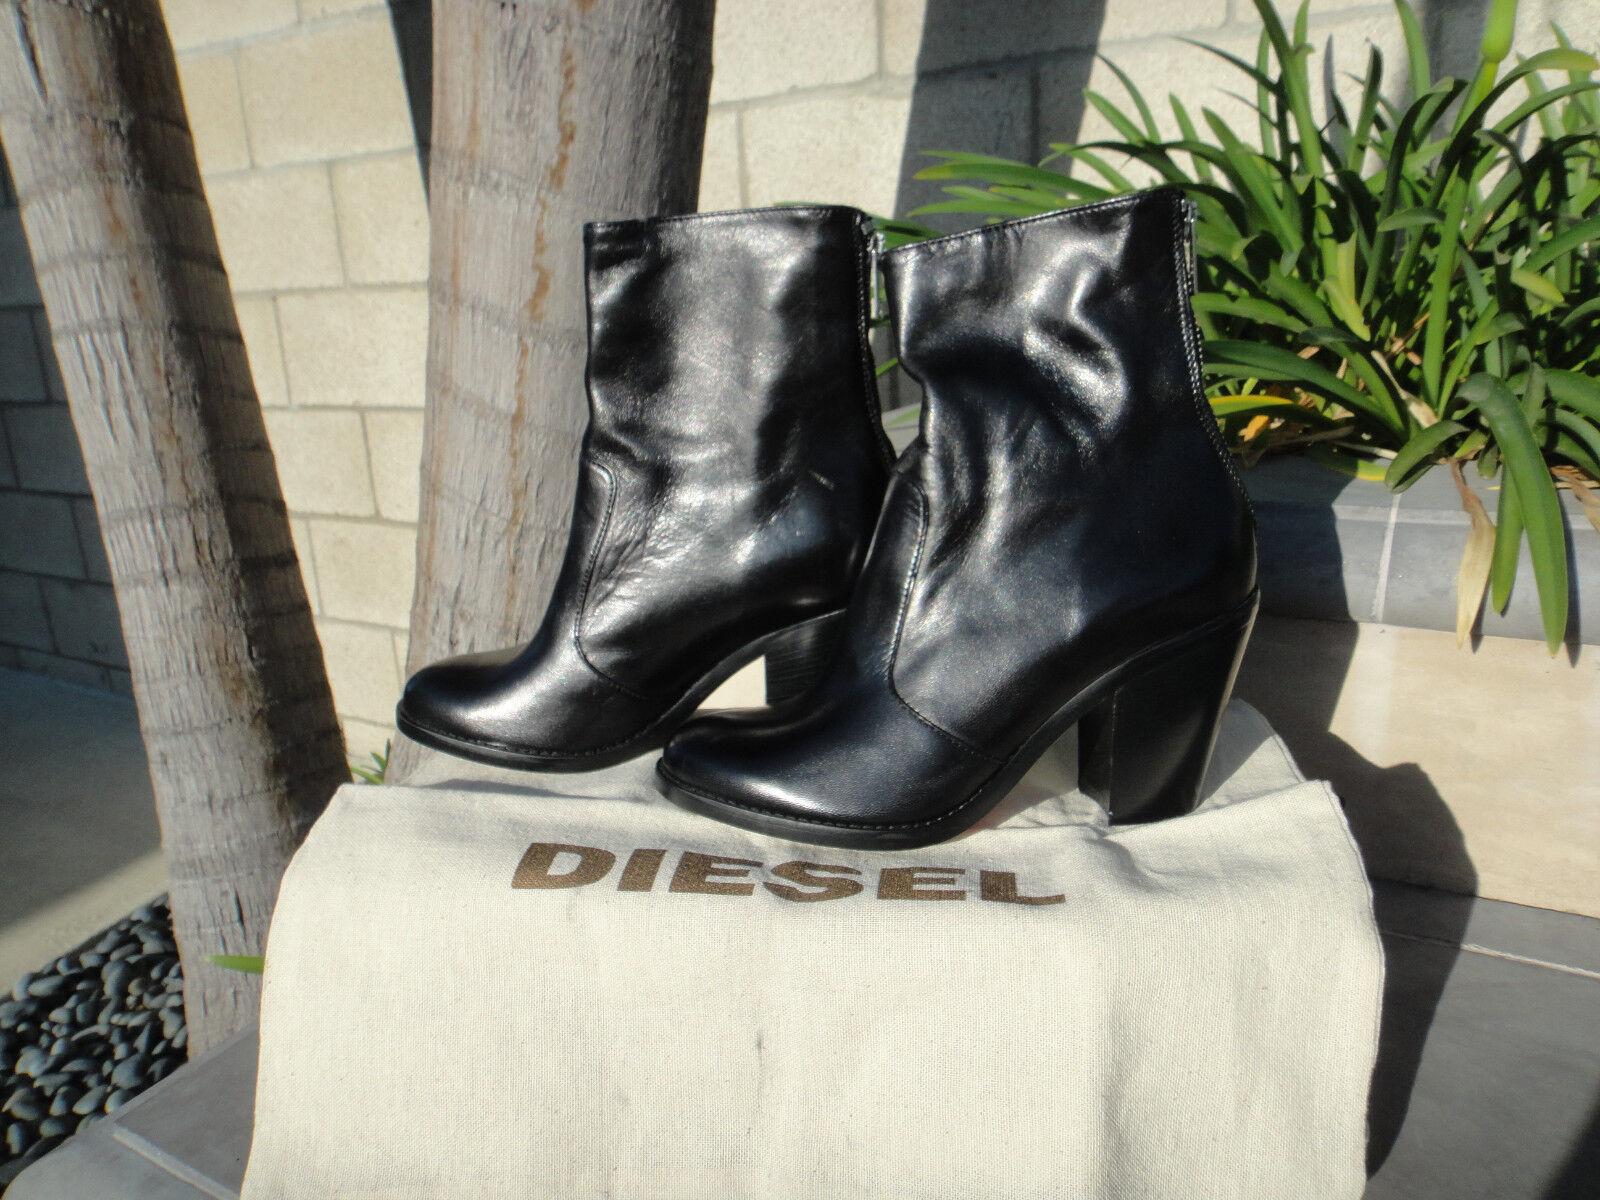 Diesel Loco en bota, Negro Con Cremallera Trasera Trasera Trasera Bolsa para el polvo, Cuero, US tamaño 7.5M, MSRP  330  online al mejor precio